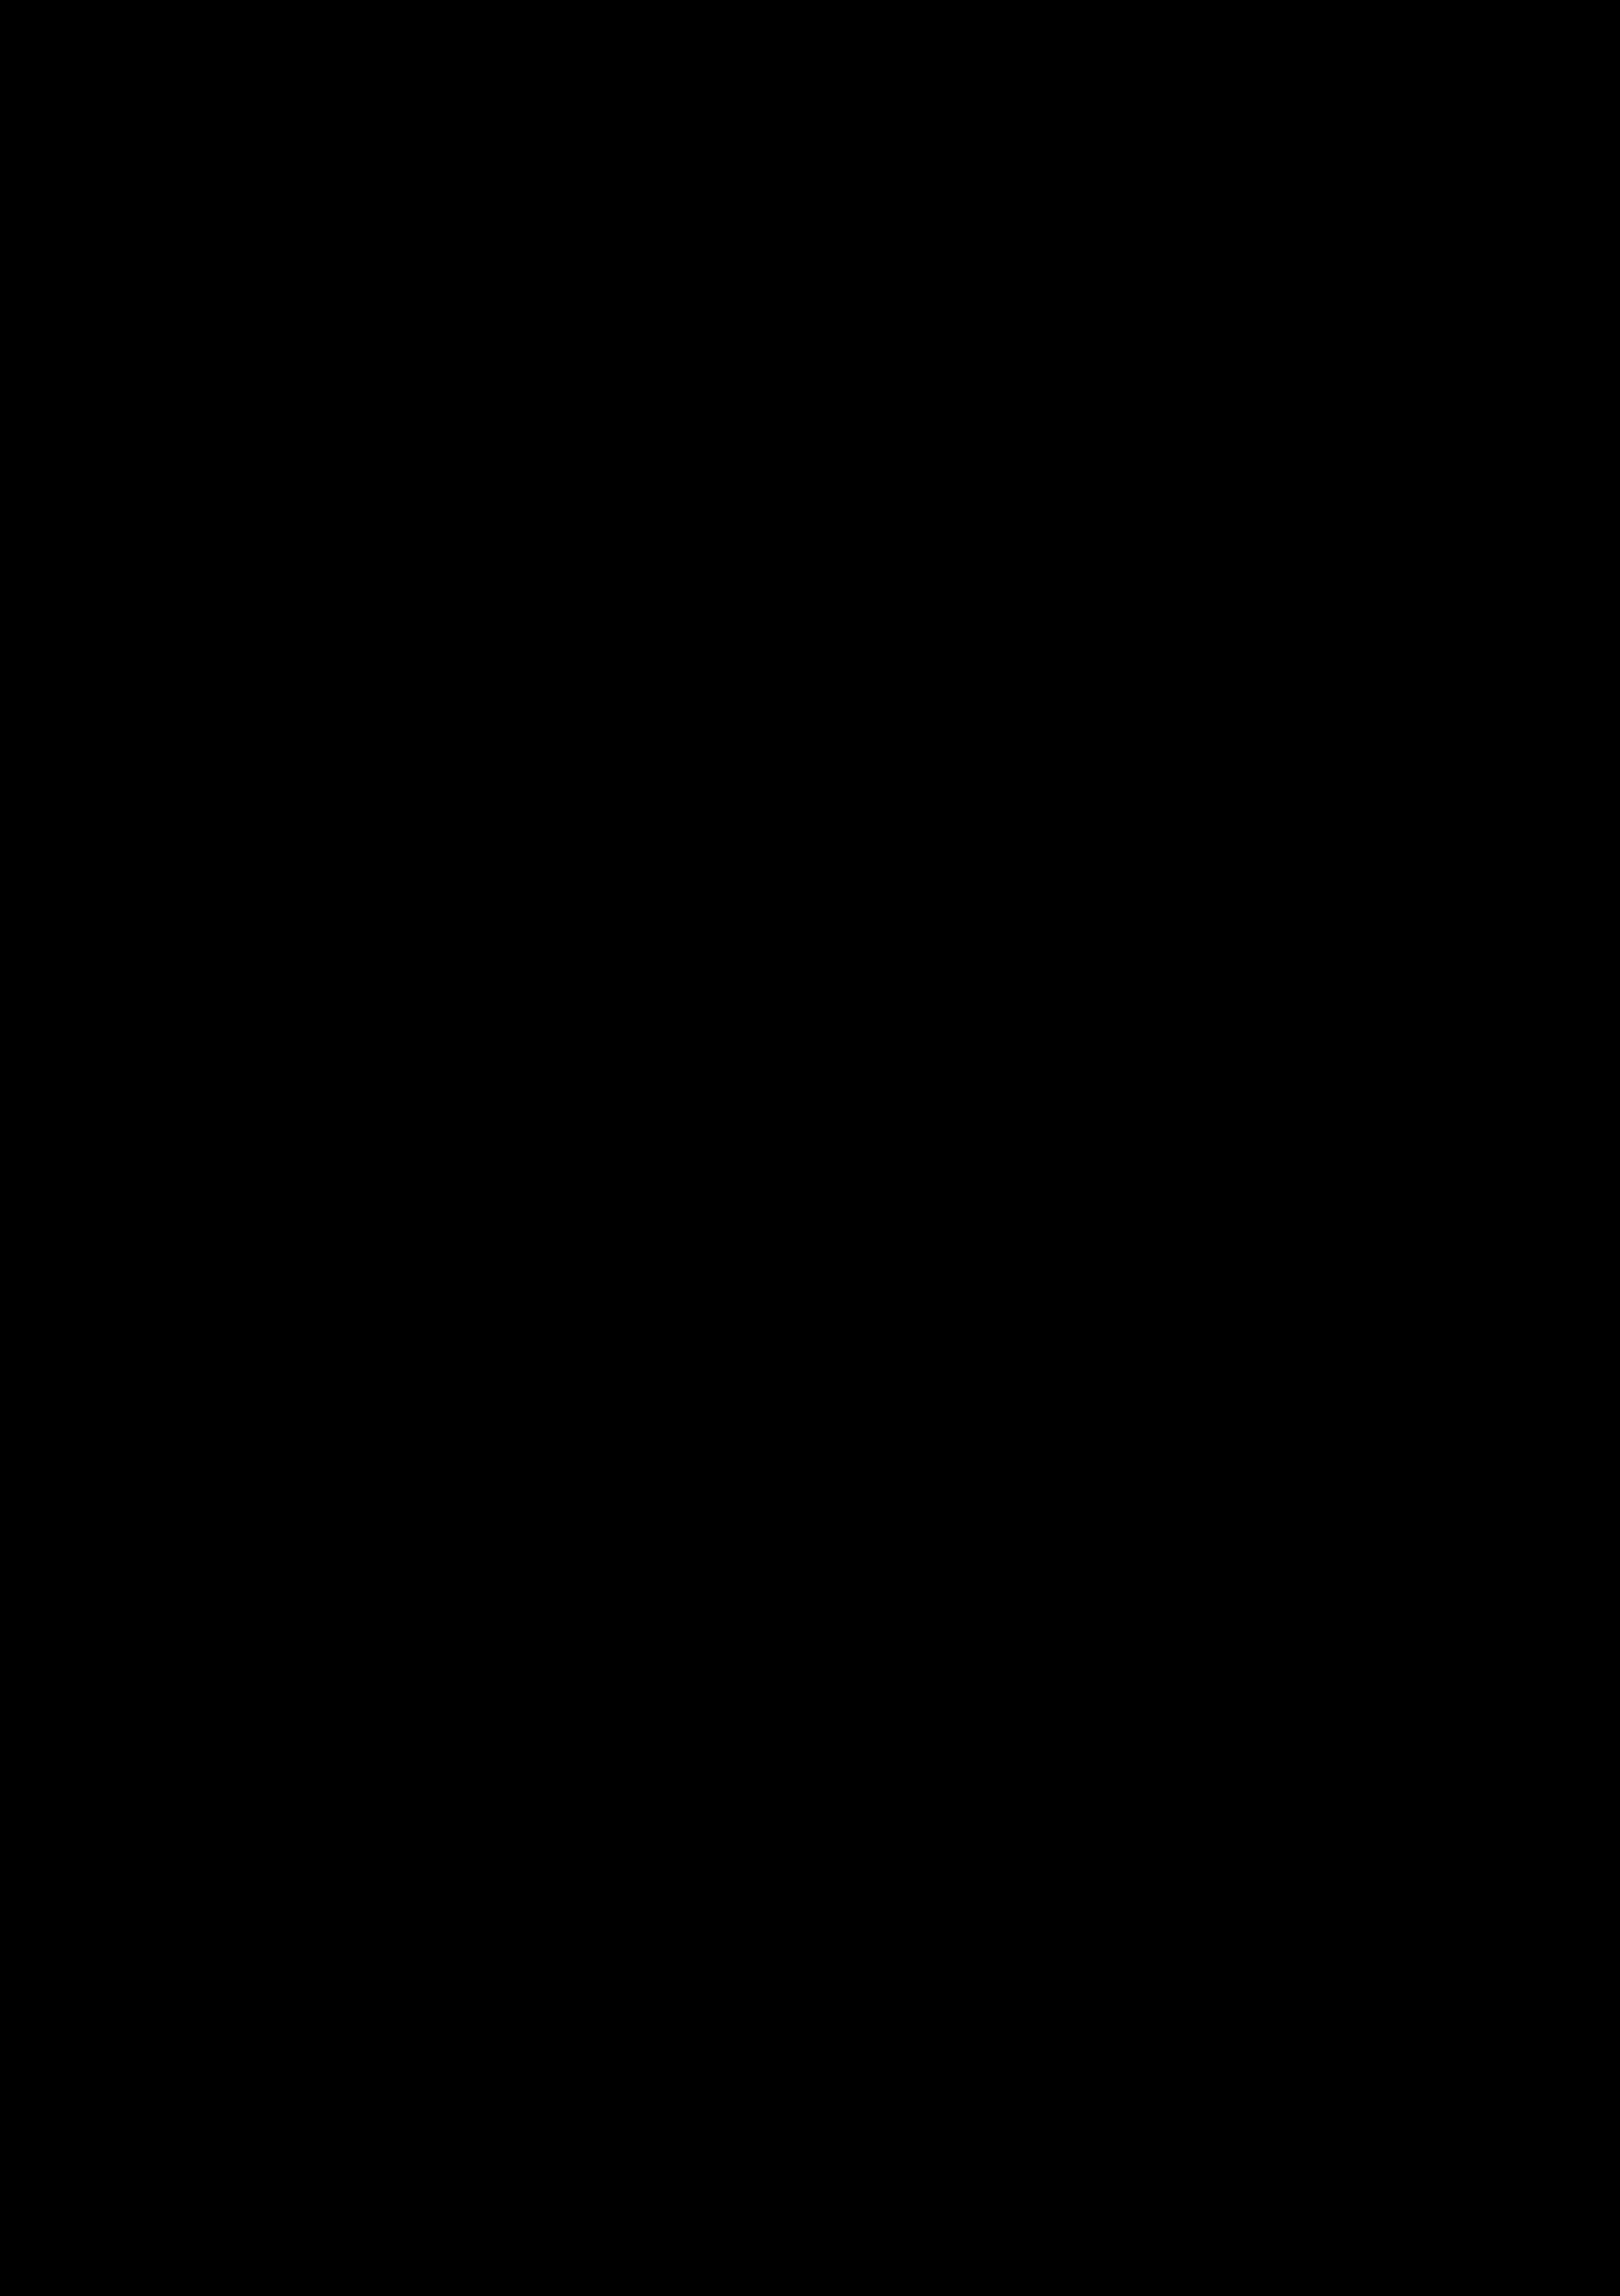 2017重庆国庆自驾游地图发布 带着地图出发吧!